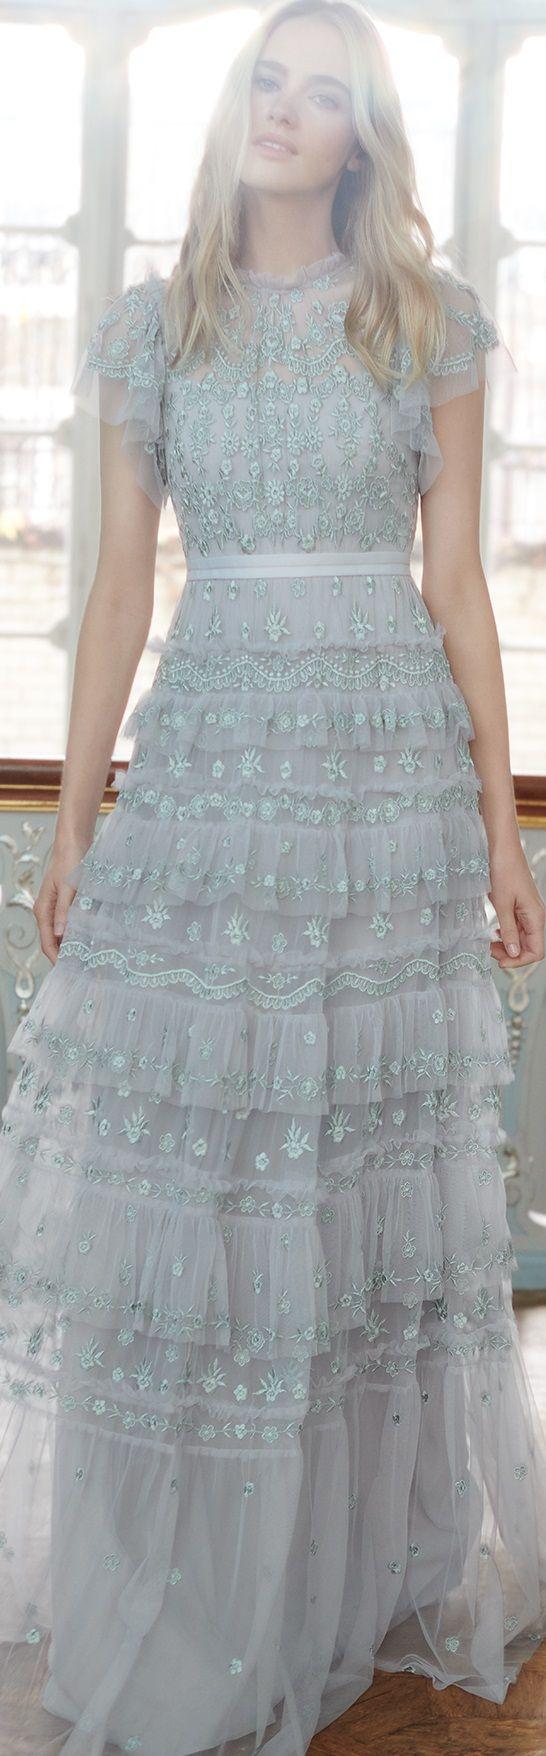 Needle u thread prefall u beautiful dress pinterest